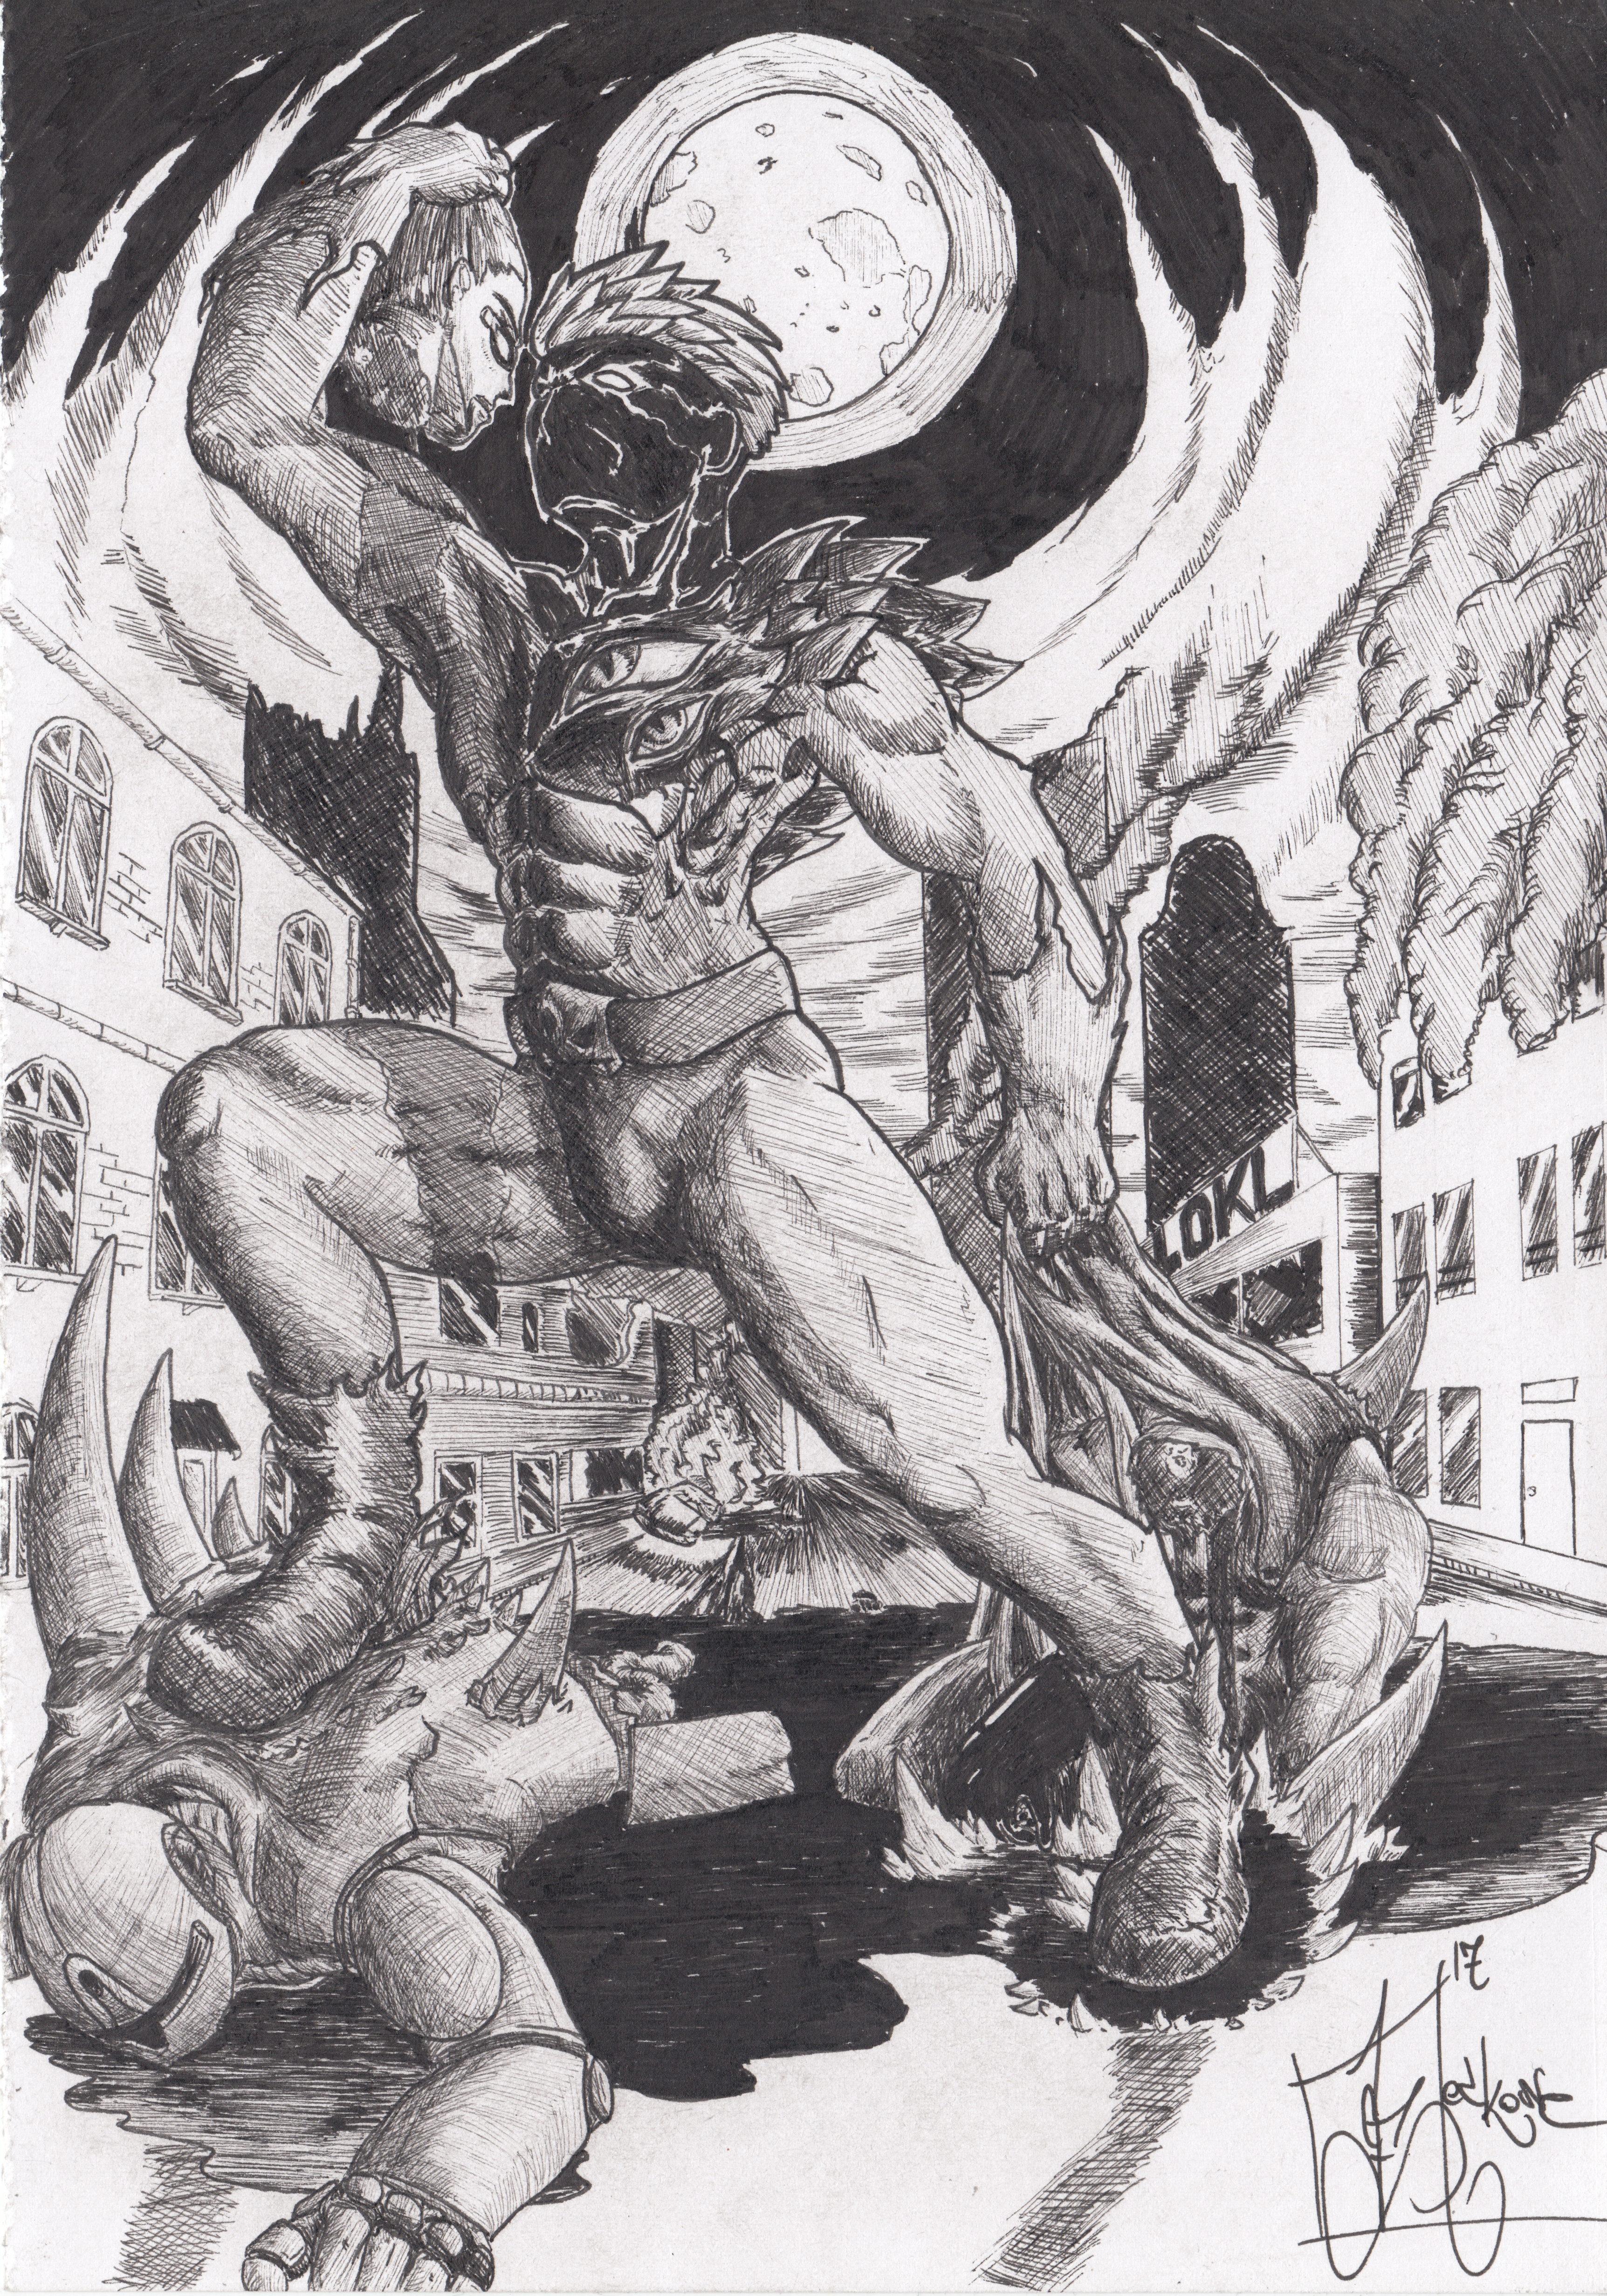 Hero Killer - Negato